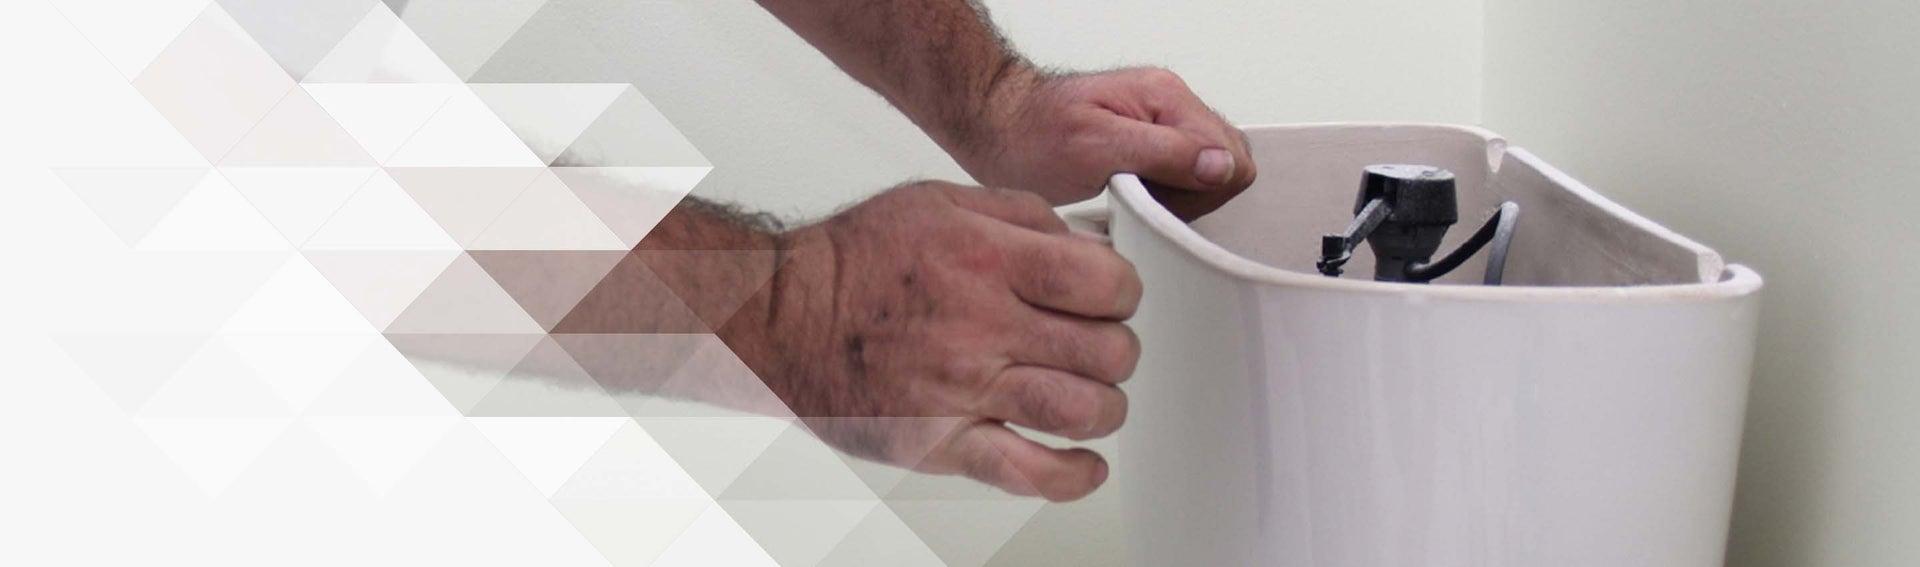 equipement wc et accessoires de robinet chauffage plomberie leroy merlin. Black Bedroom Furniture Sets. Home Design Ideas